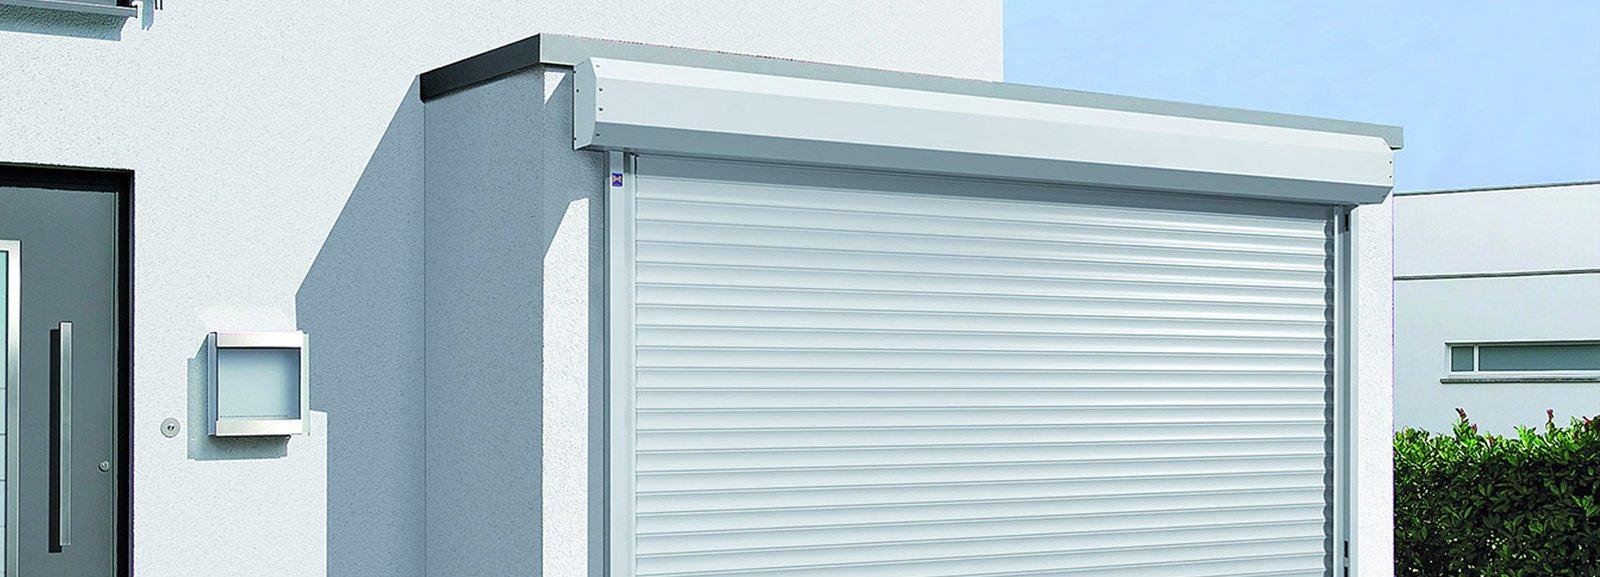 Serrande avvolgibili per il garage cose di casa for Serrande avvolgibili per garage prezzi